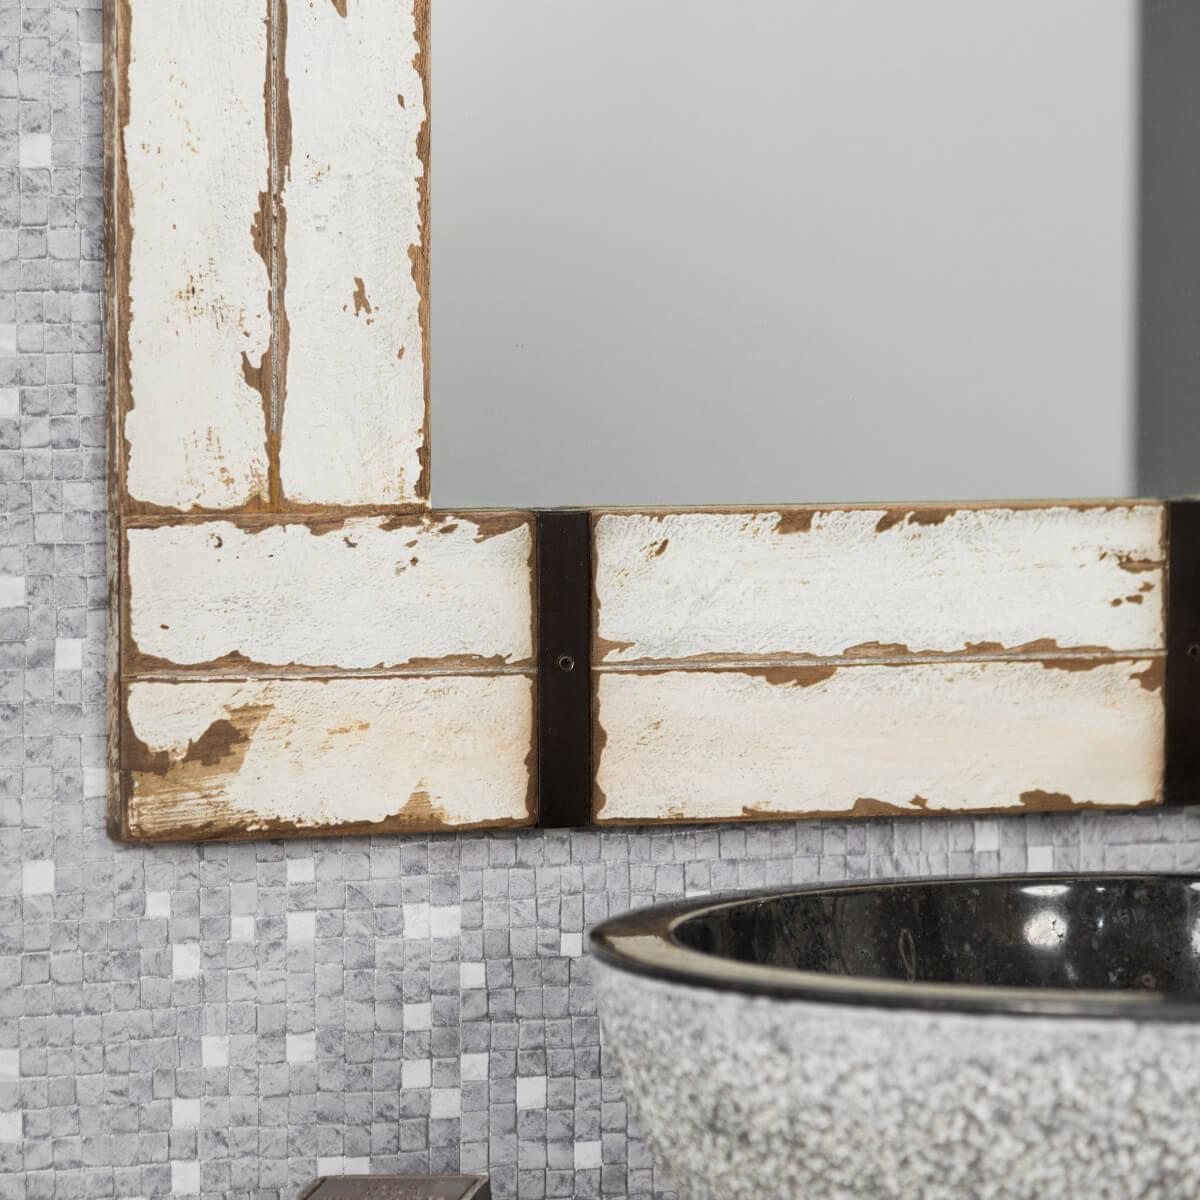 Miroir salle de bain art deco - Miroir salle de bains ...